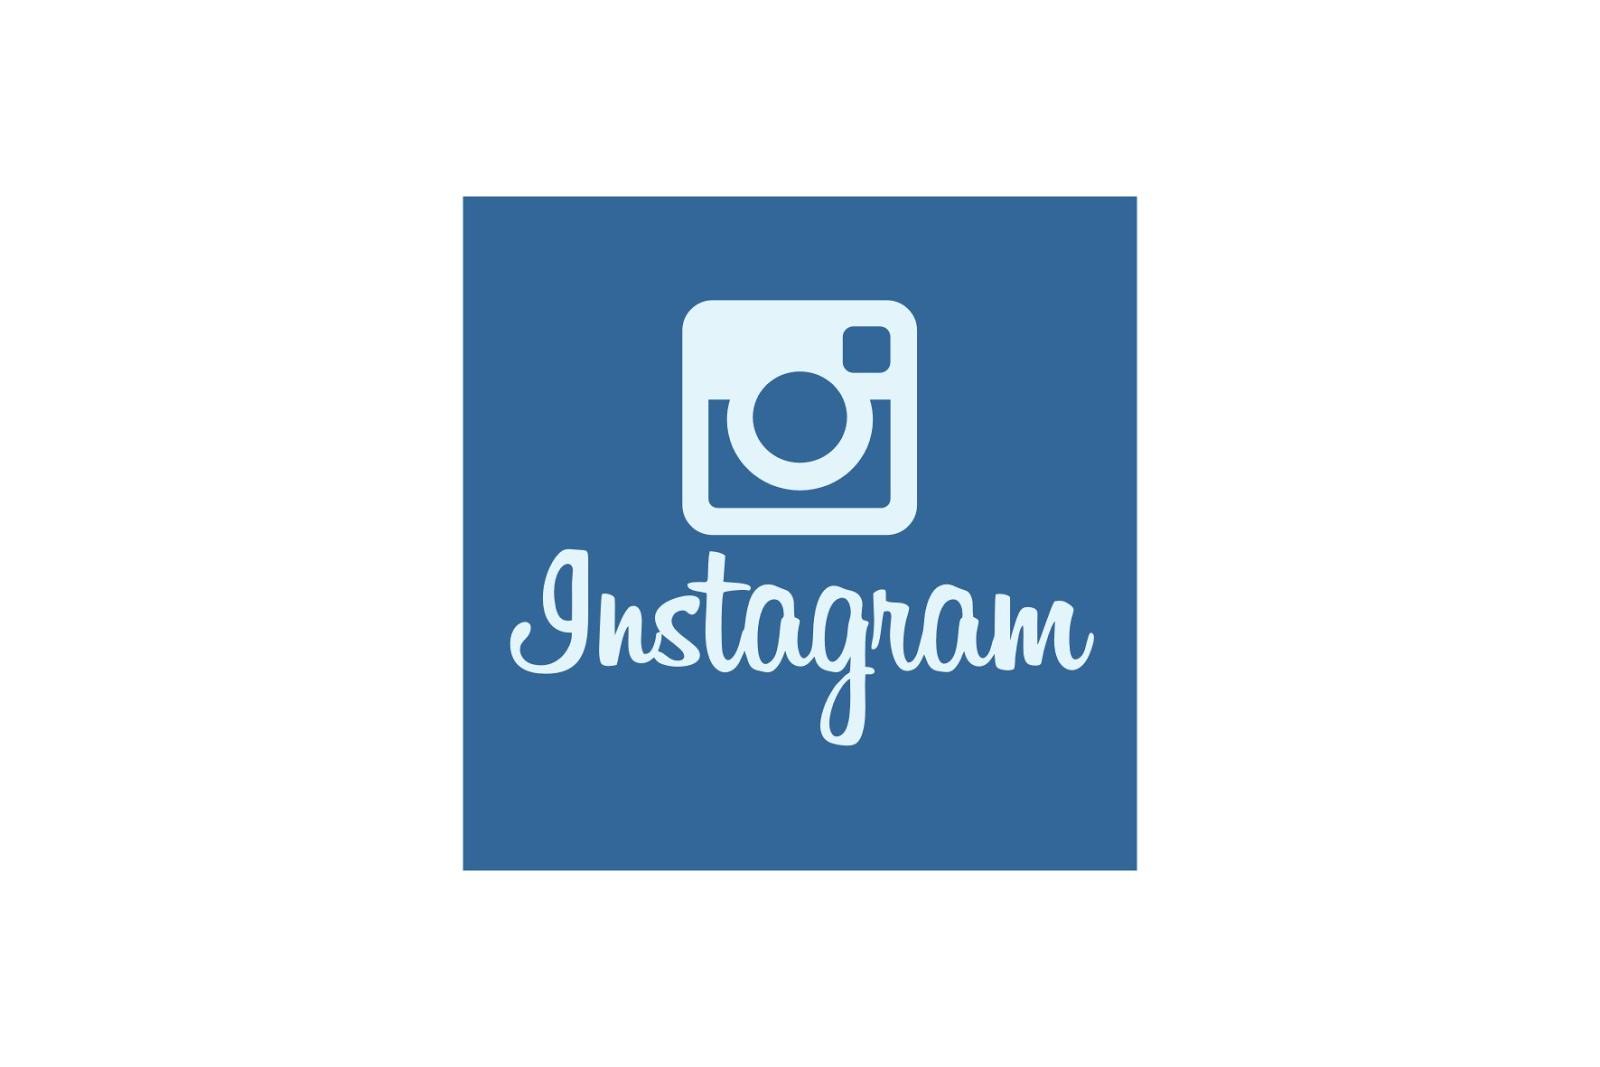 1600x1067 Instagram Logo